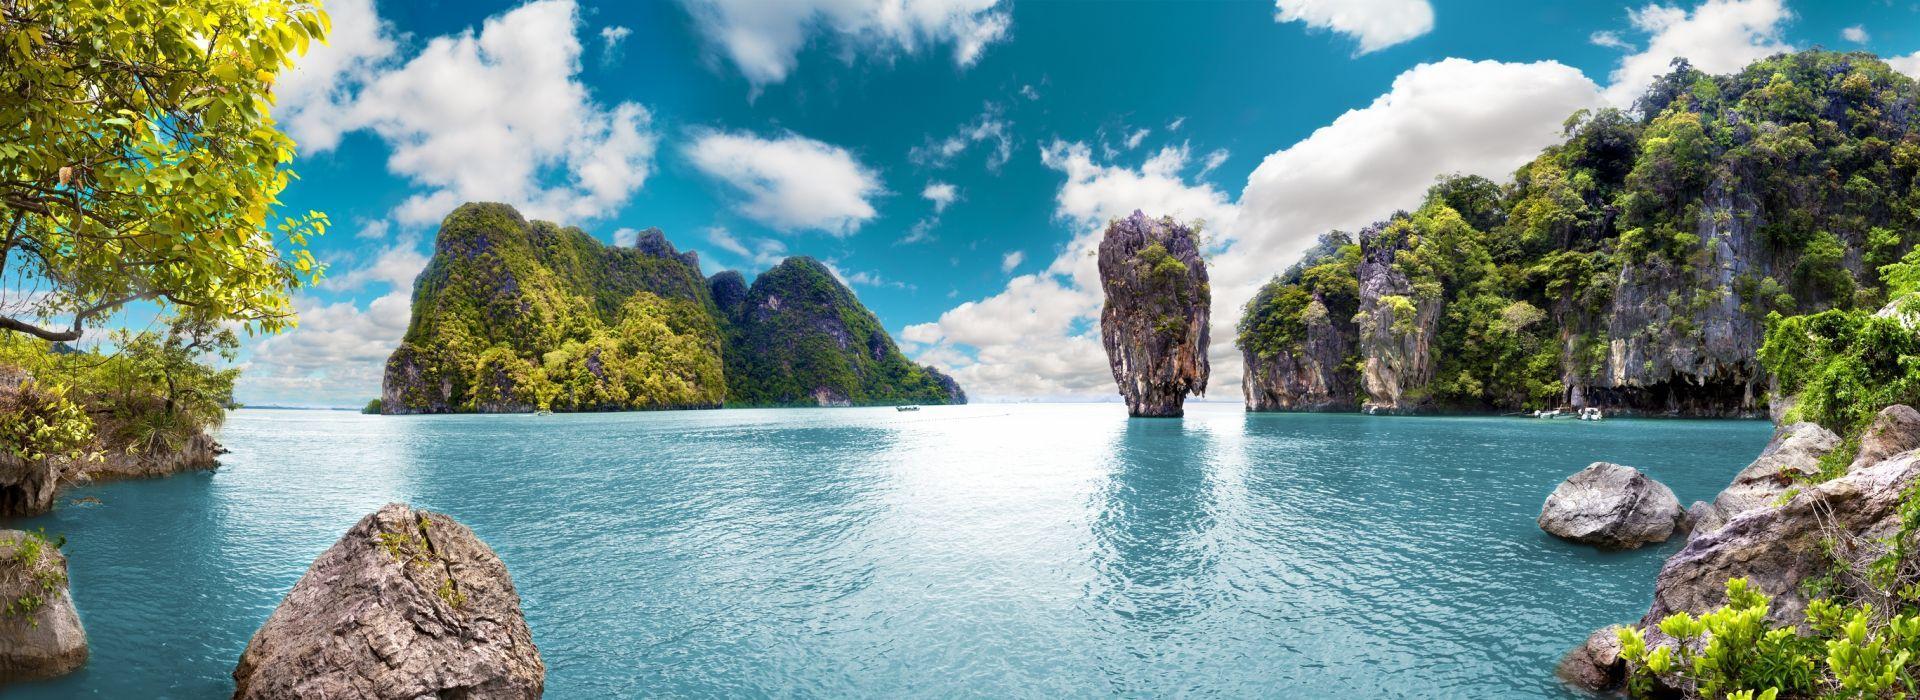 Wildlife Tours in Thailand